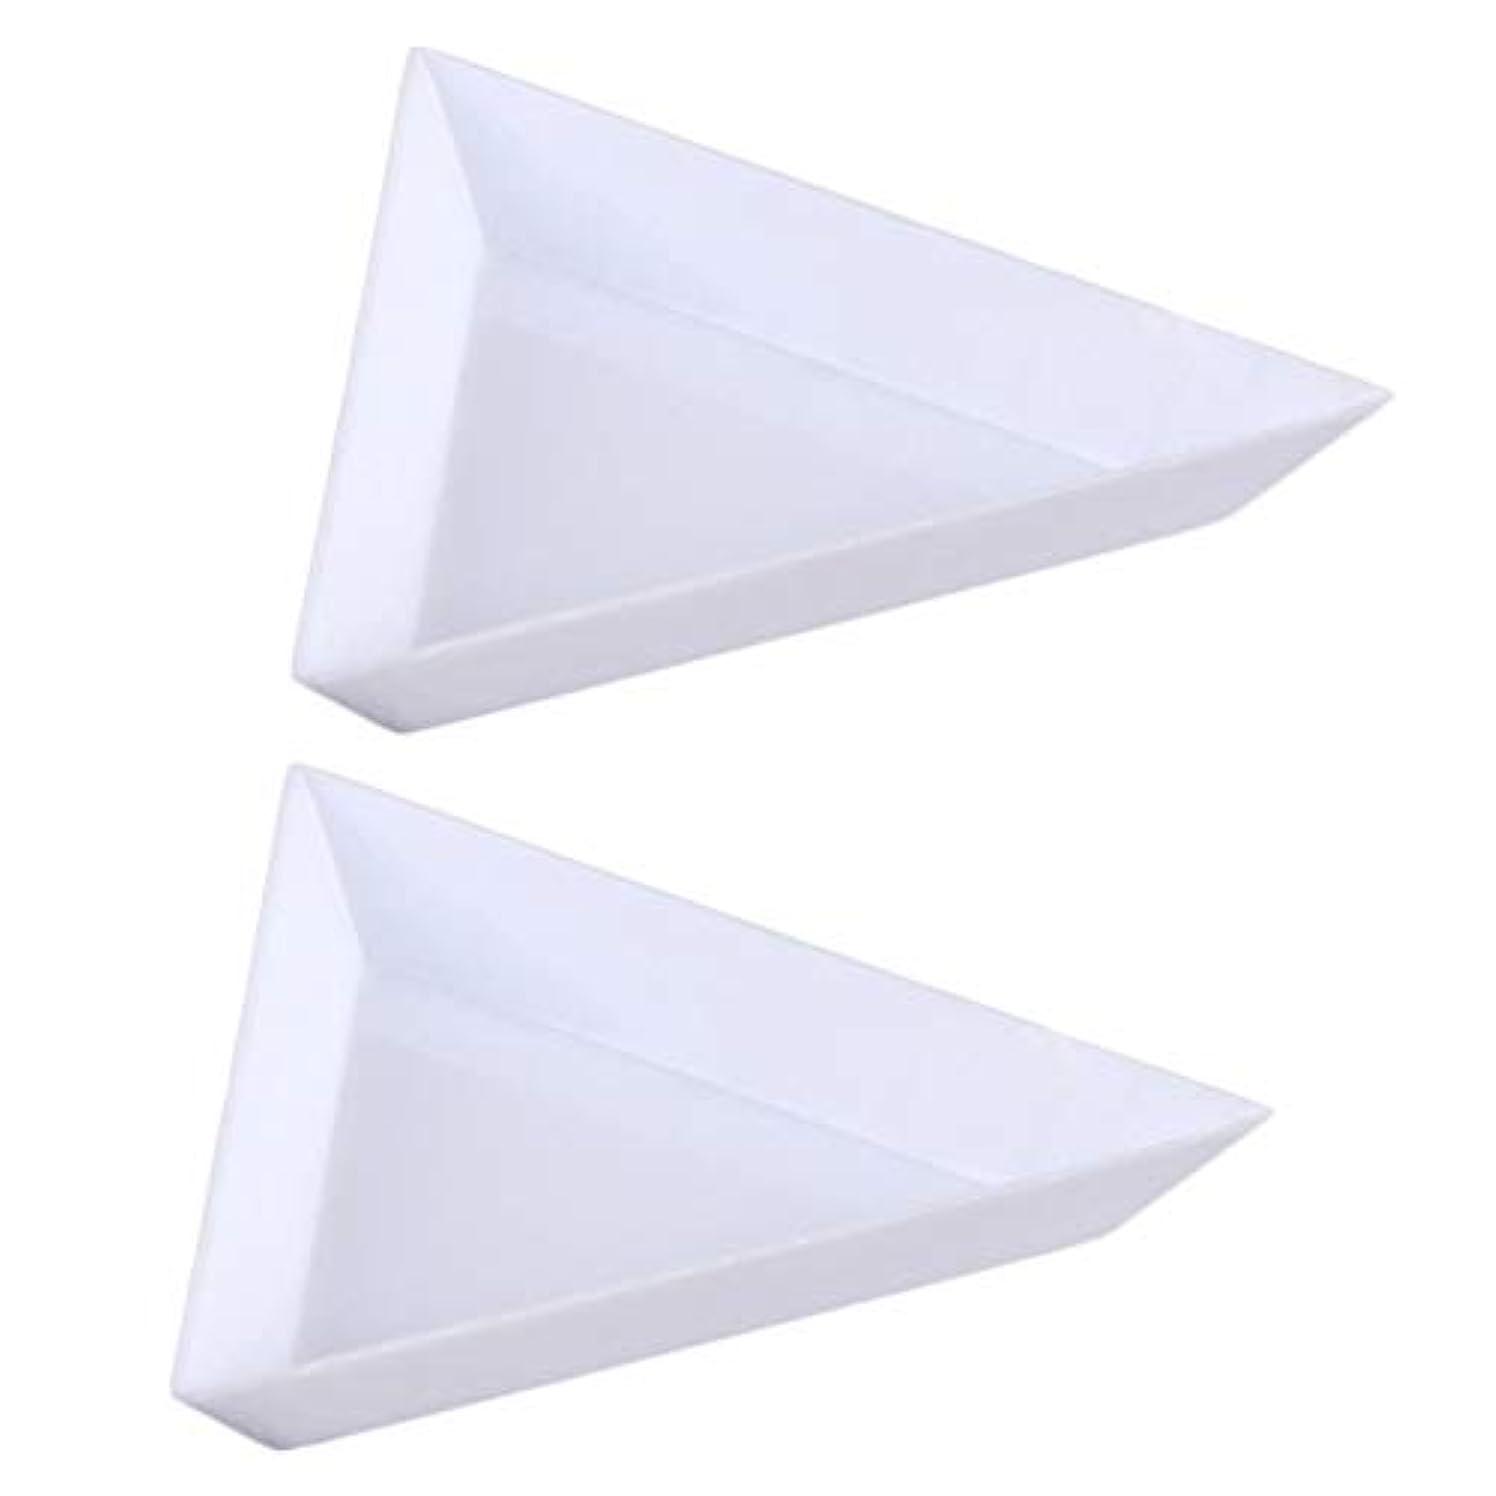 花輪批判的にブローCUHAWUDBA 10個三角コーナープラスチックラインストーンビーズ 結晶 ネイルアートソーティングトレイアクセサリー白 DiyネイルアートデコレーションDotting収納トレイ オーガニゼーションに最適